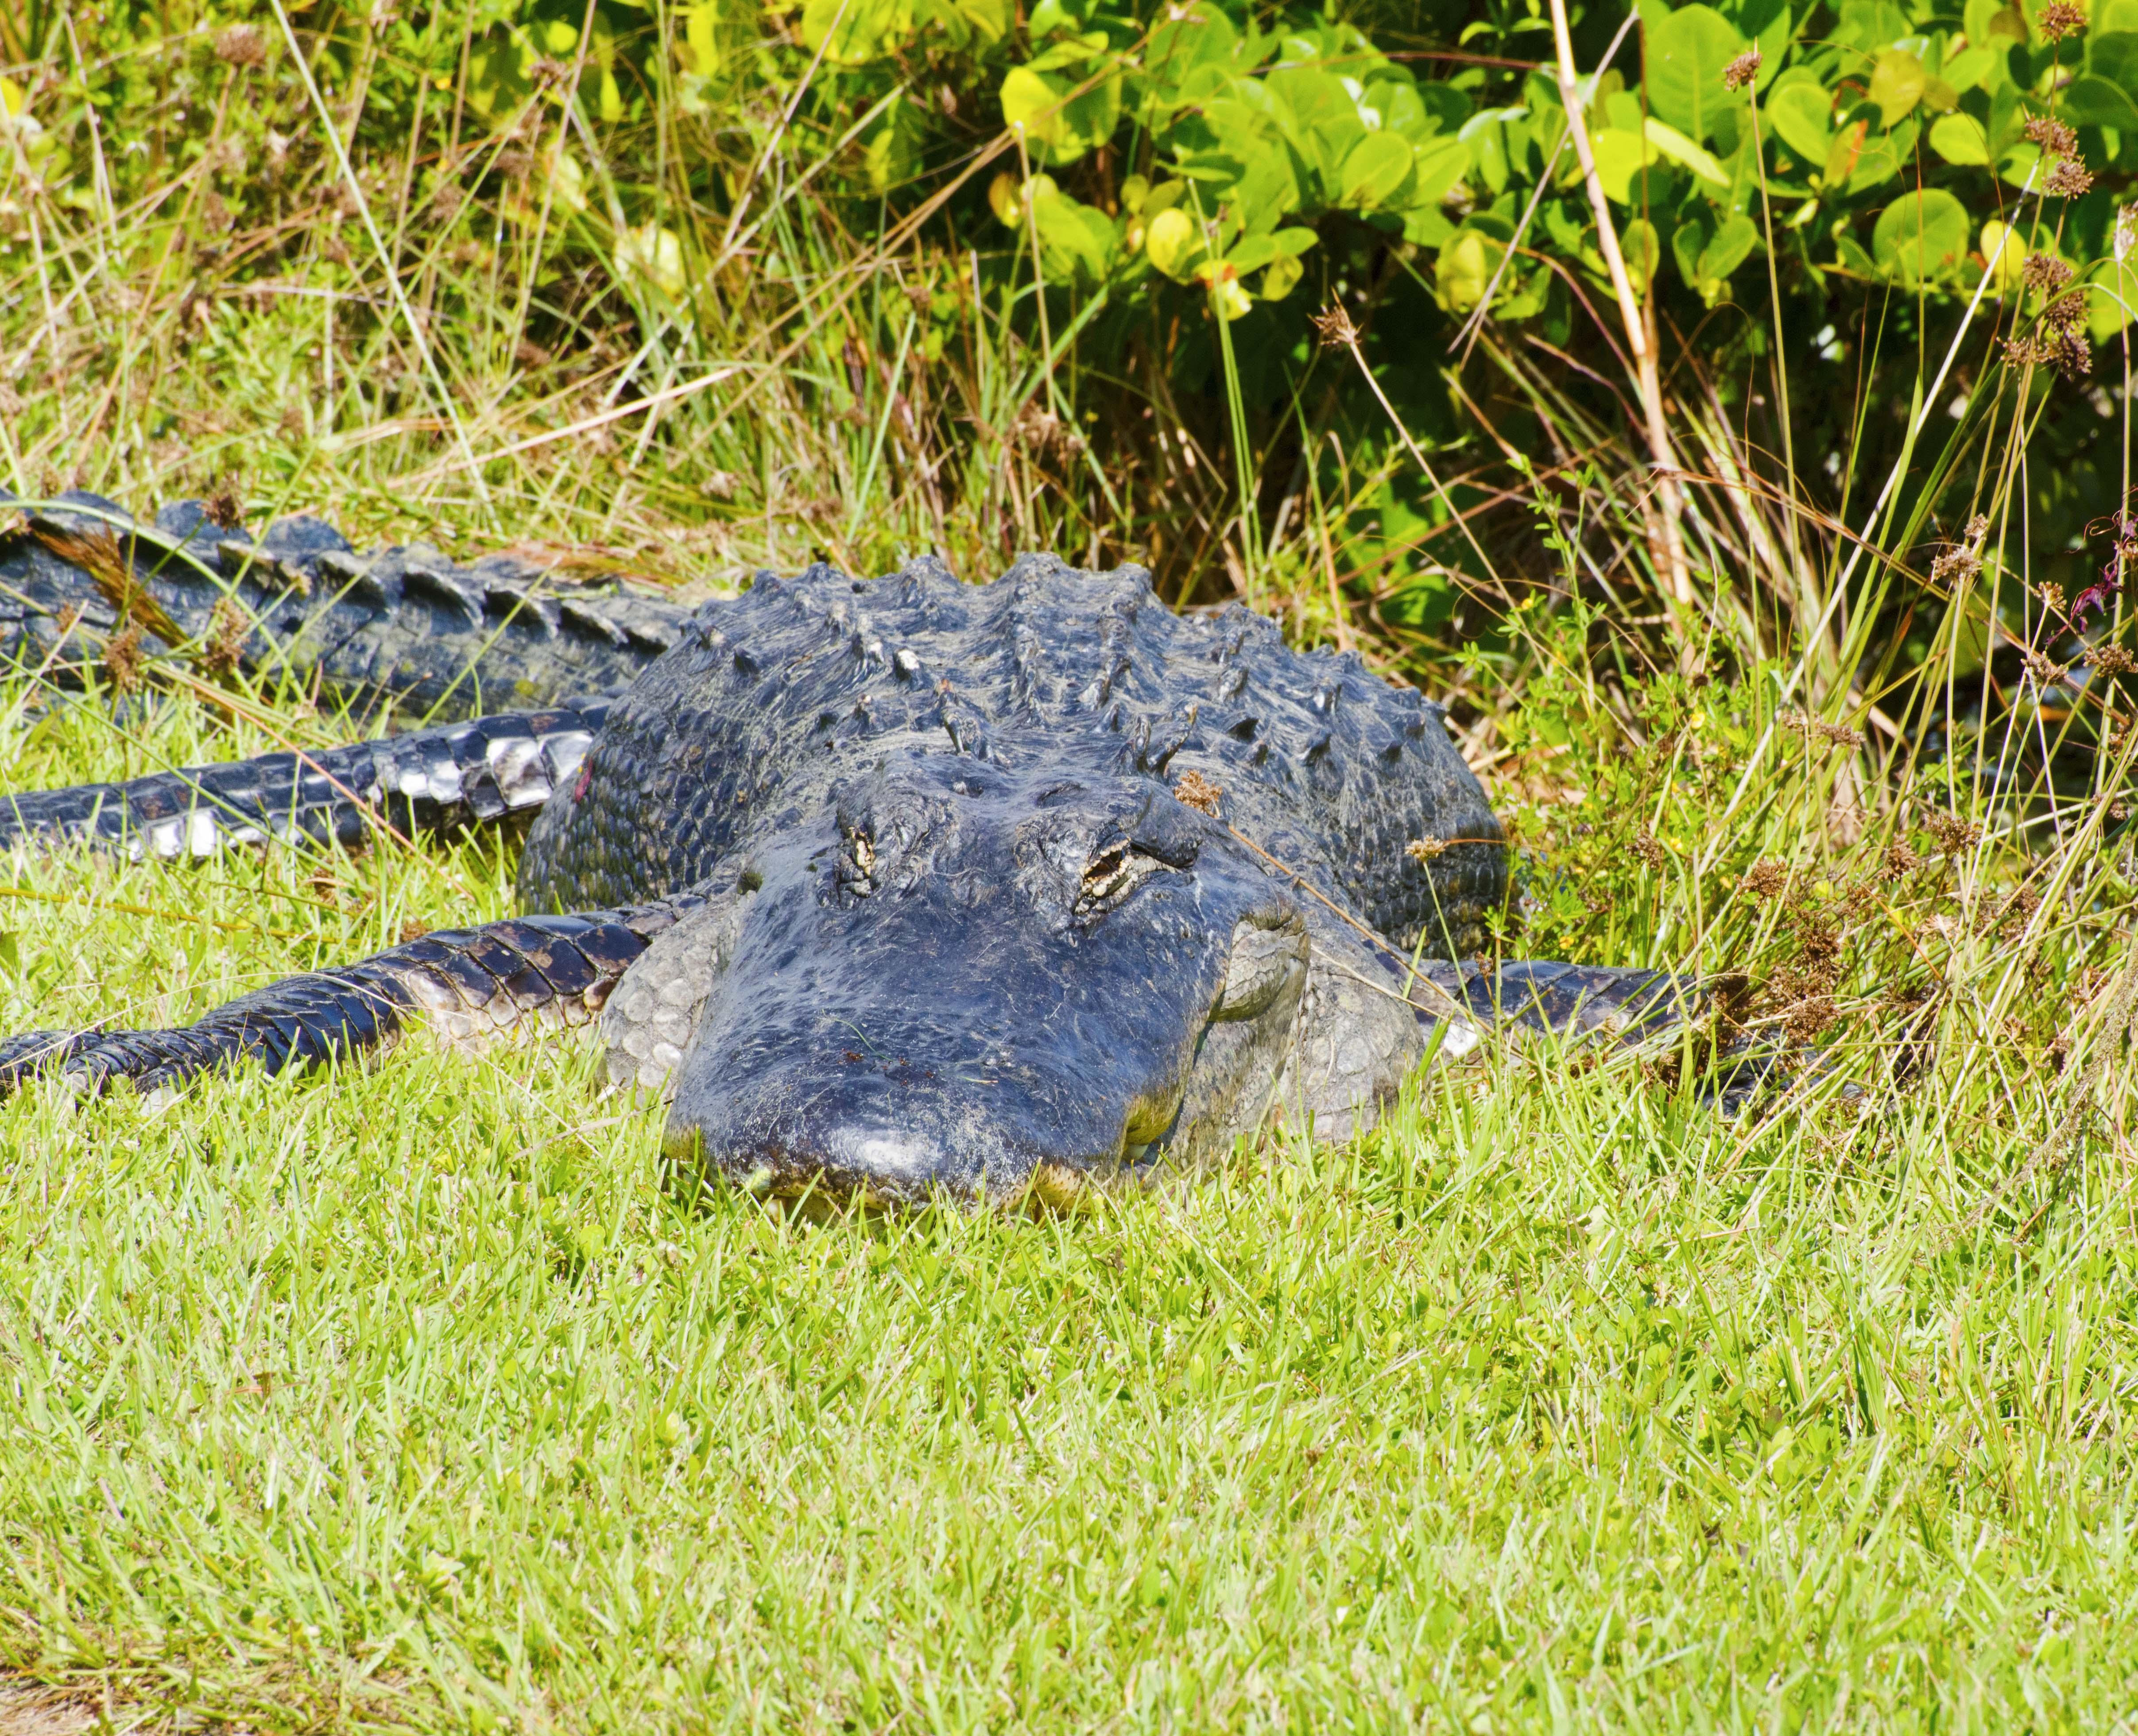 Aligator in the everglades